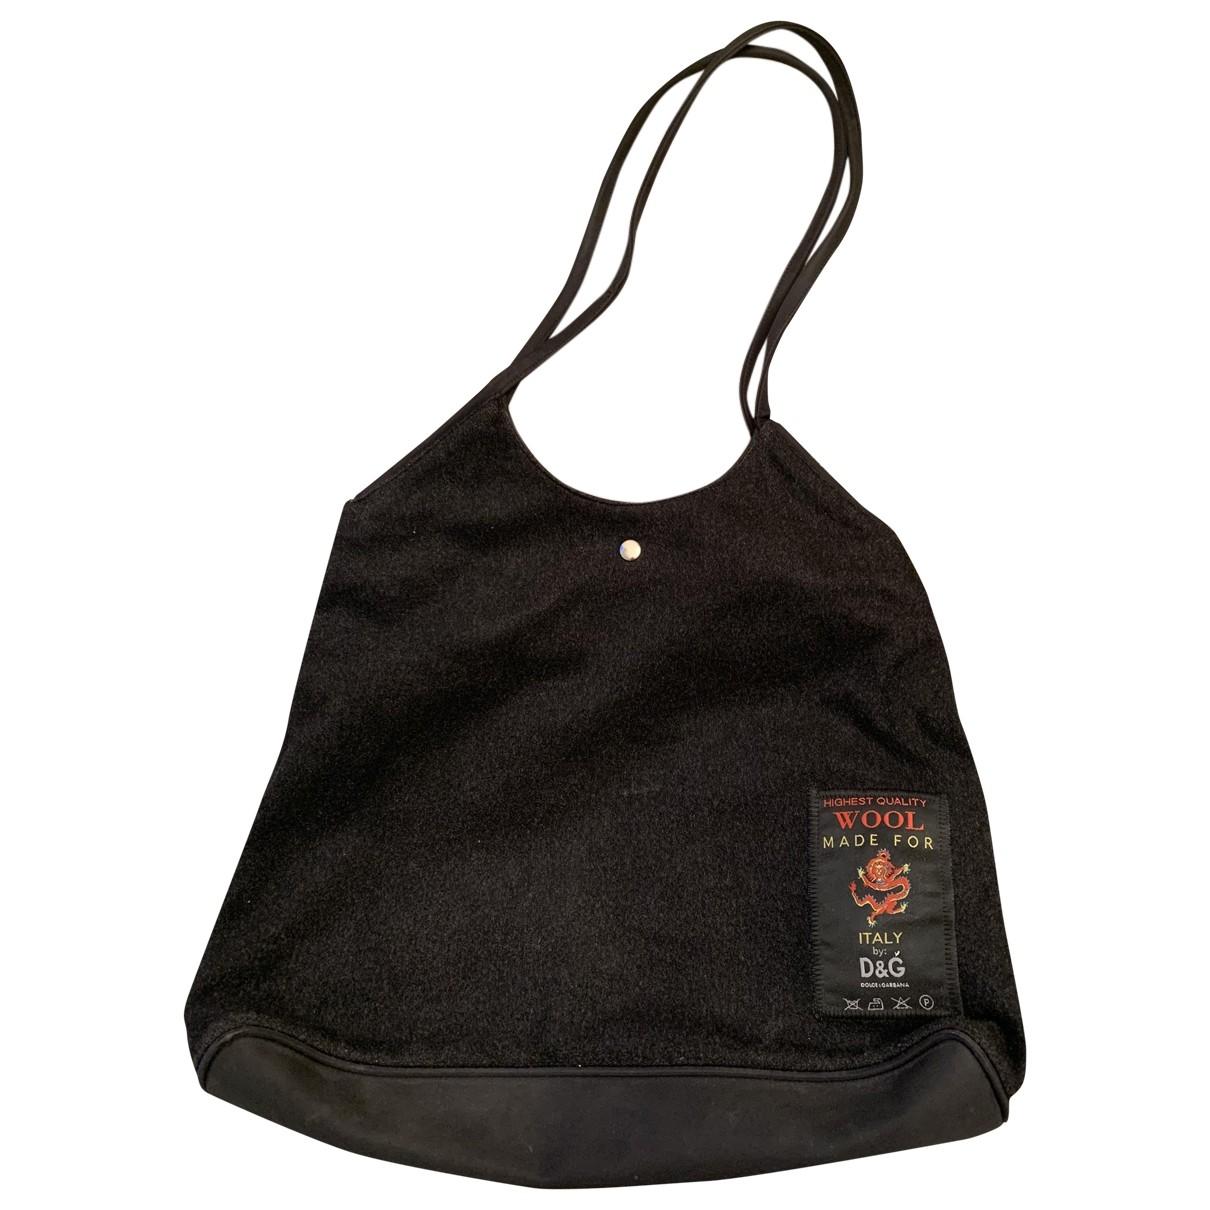 D&g \N Handtasche in  Grau Wolle